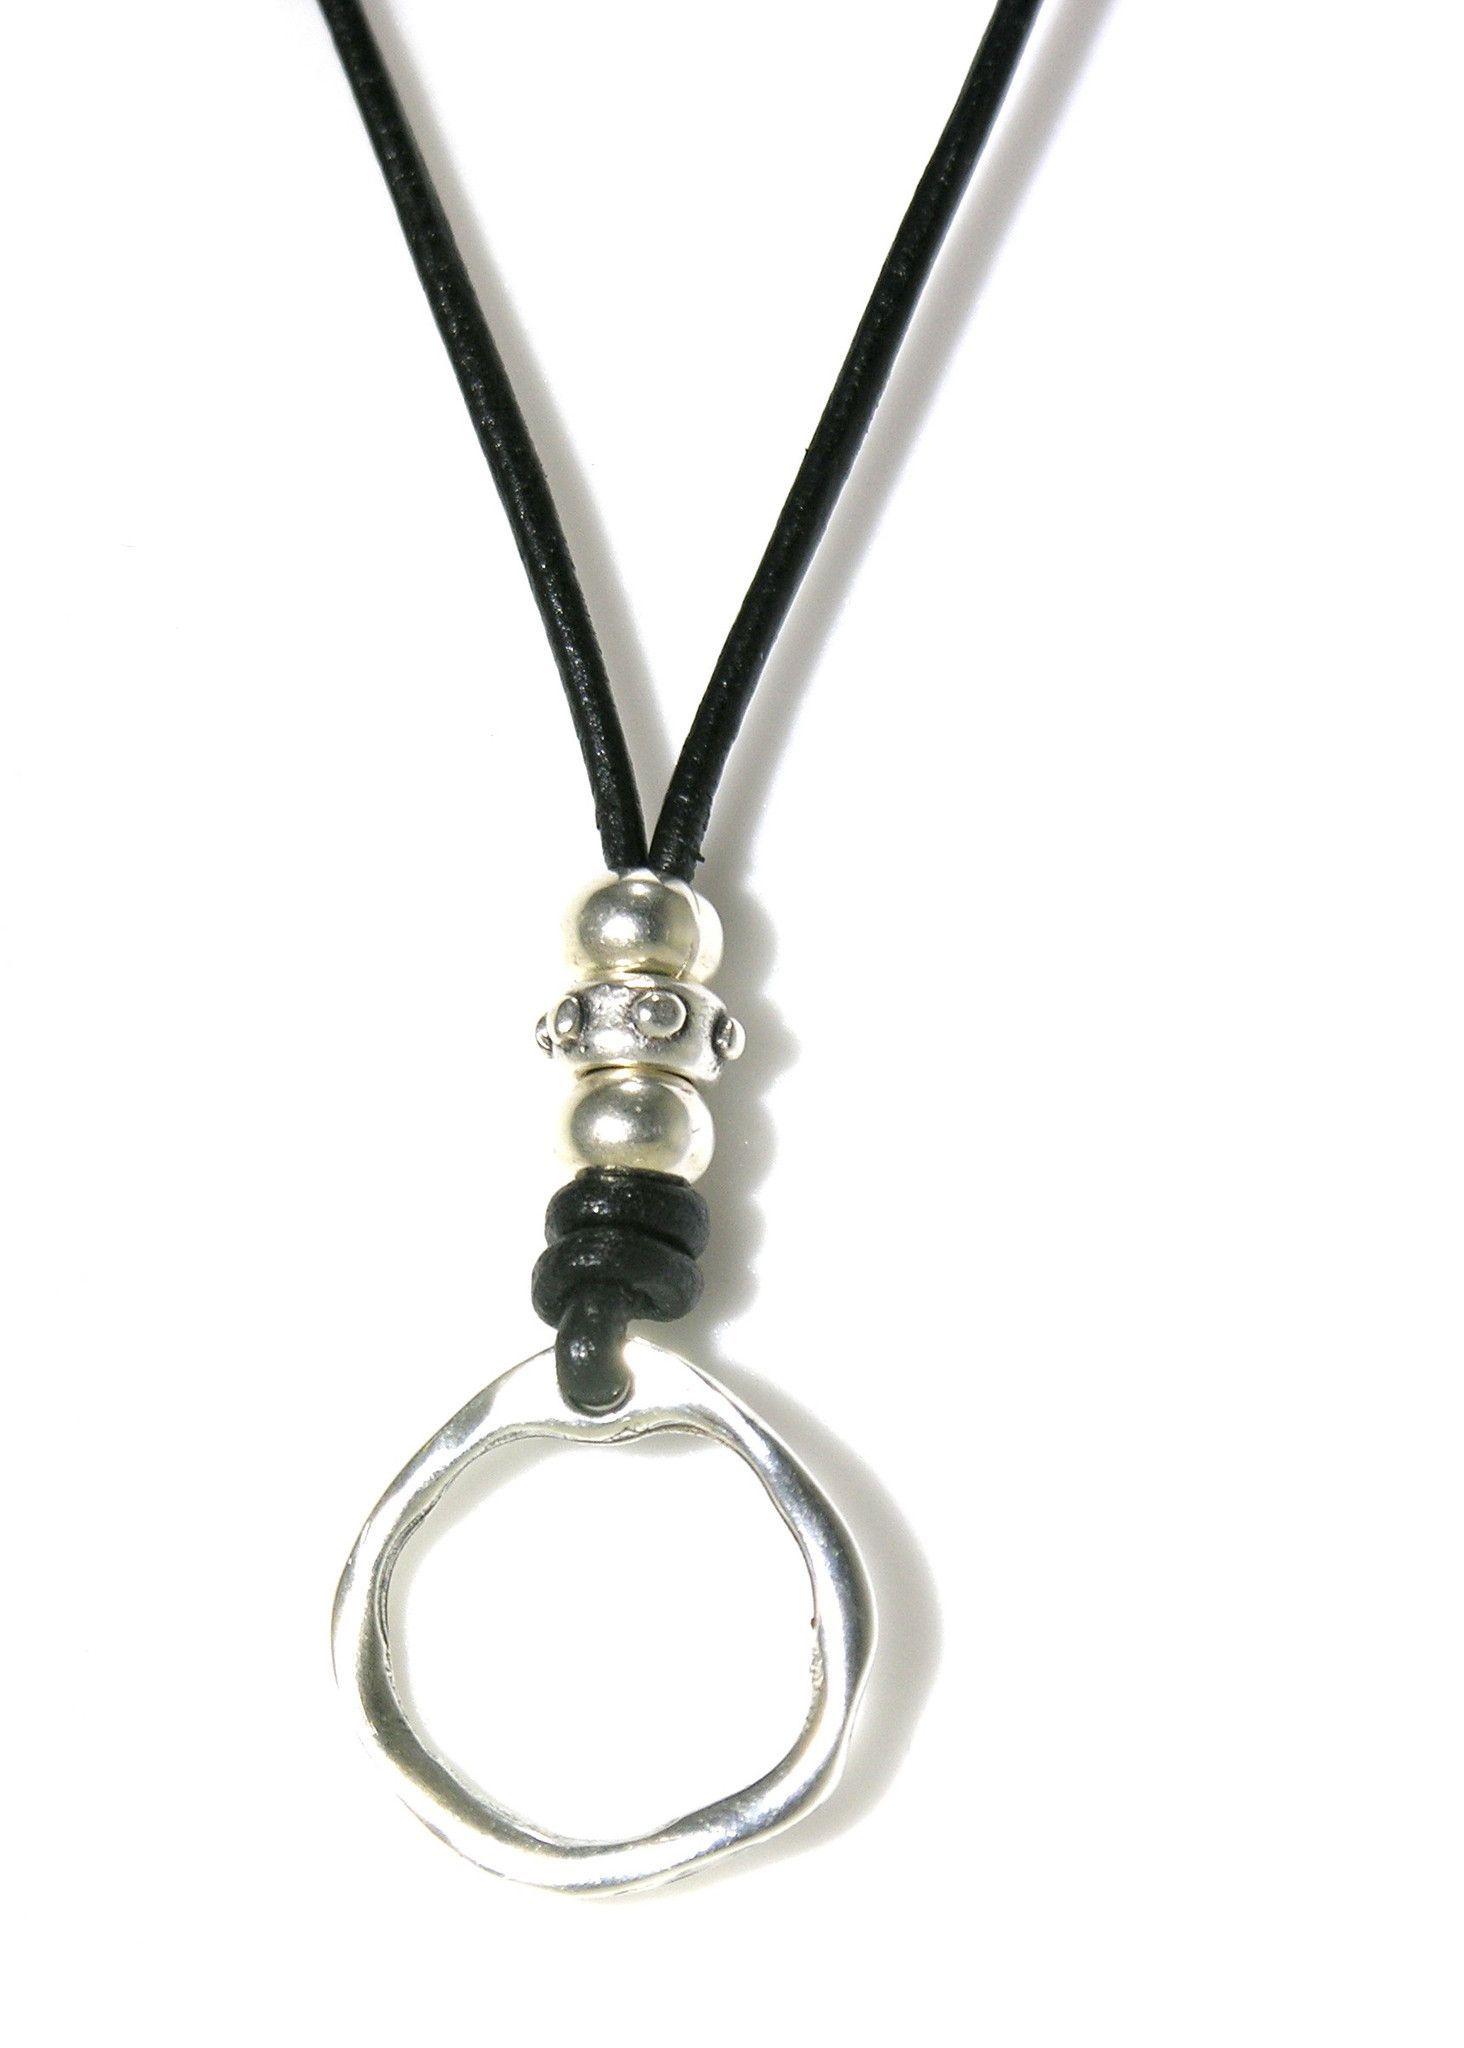 Leather Silver Adjustable Eyeglass Holder Necklace